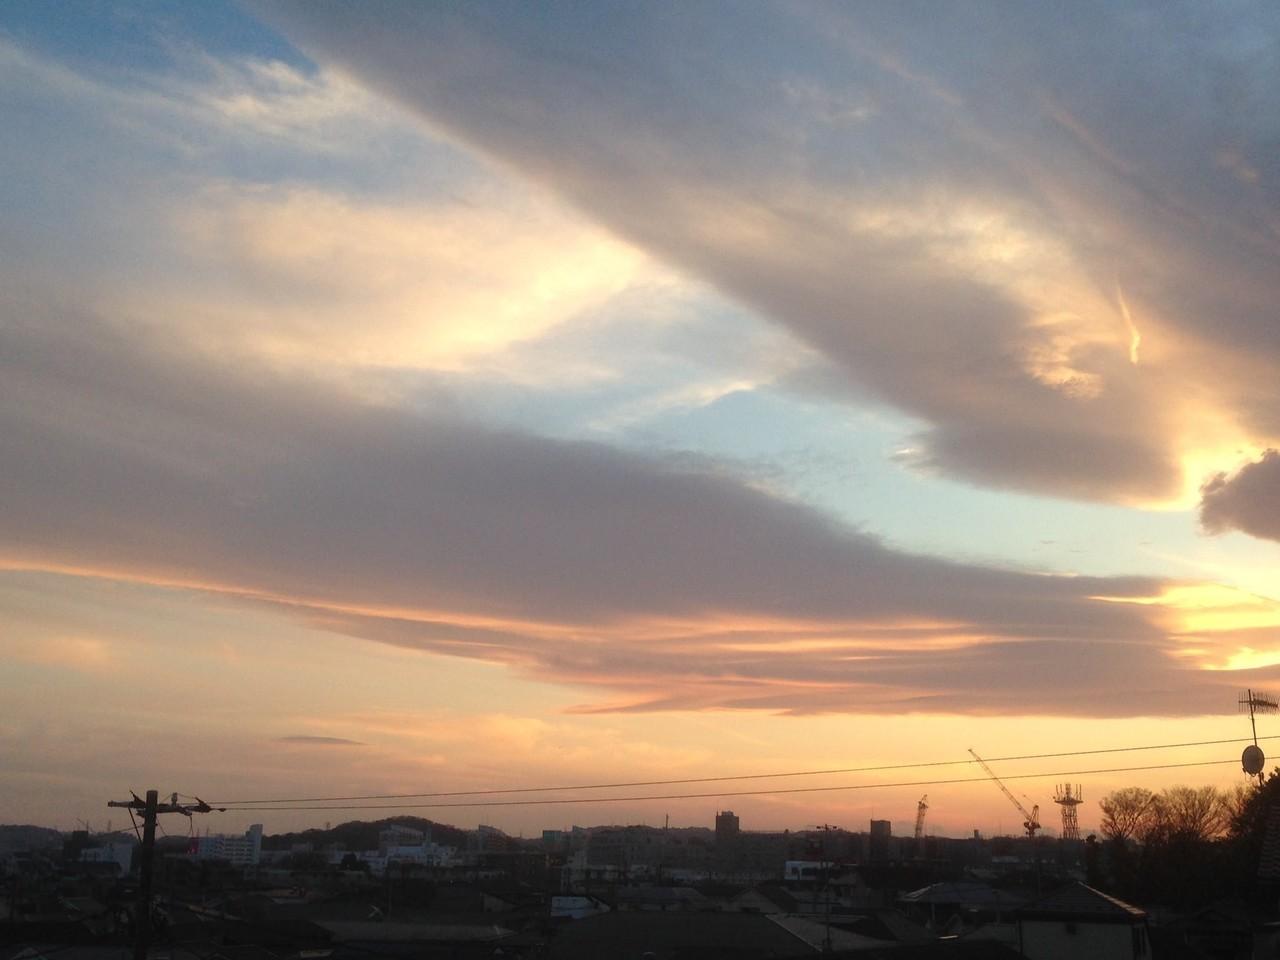 今日の夕方、 相模湾にめっちゃ地震雲出てましたよ。17日は新月